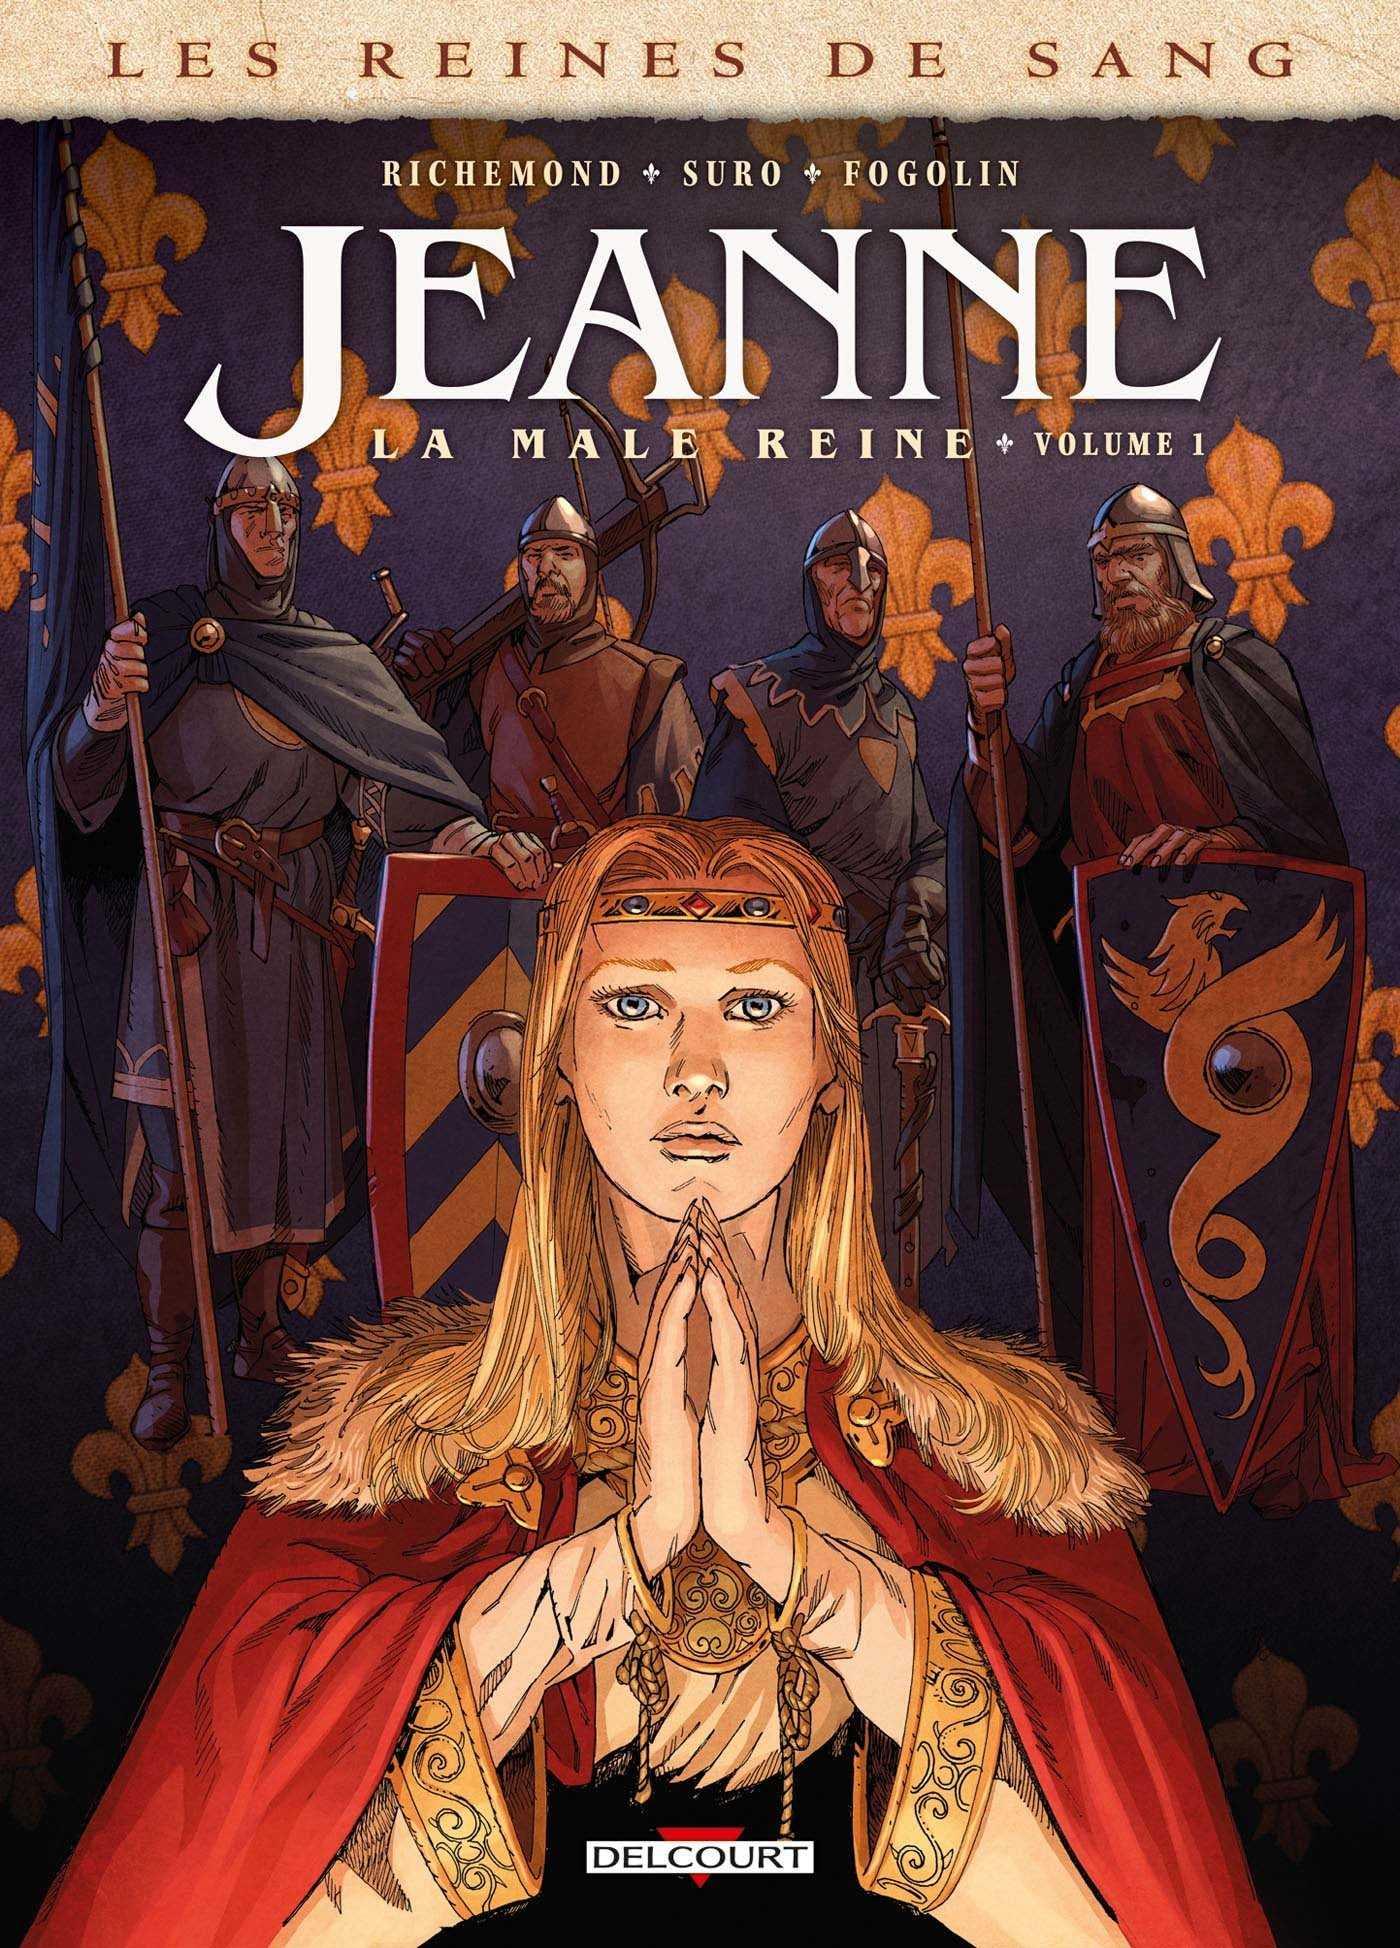 Les Reines de sang, Jeanne, déterminée